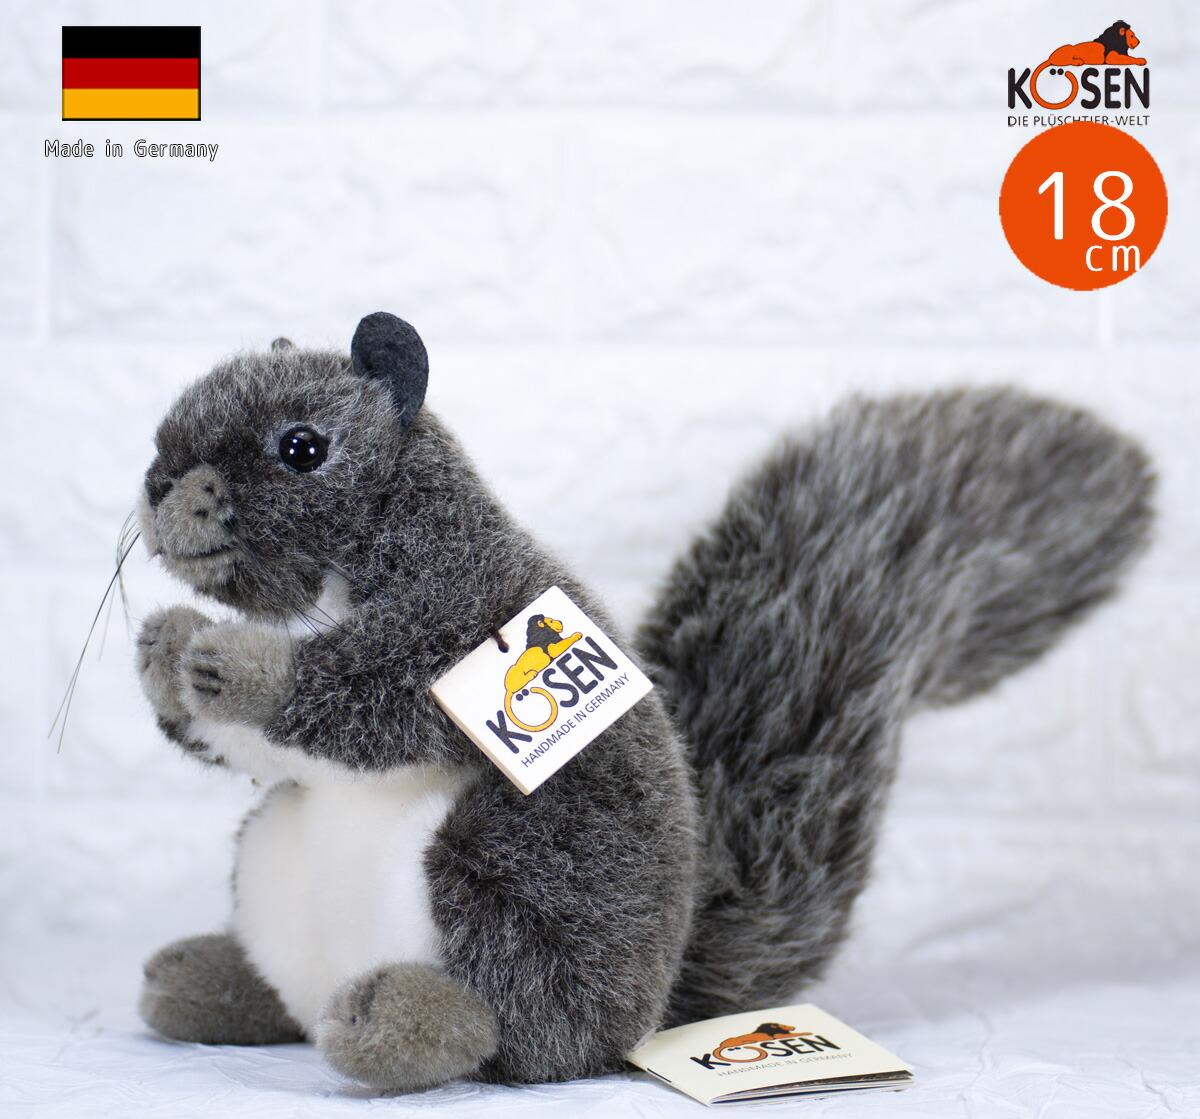 ケーセン ぬいぐるみ kosen アメリカアカリス 28cm American Squirrel